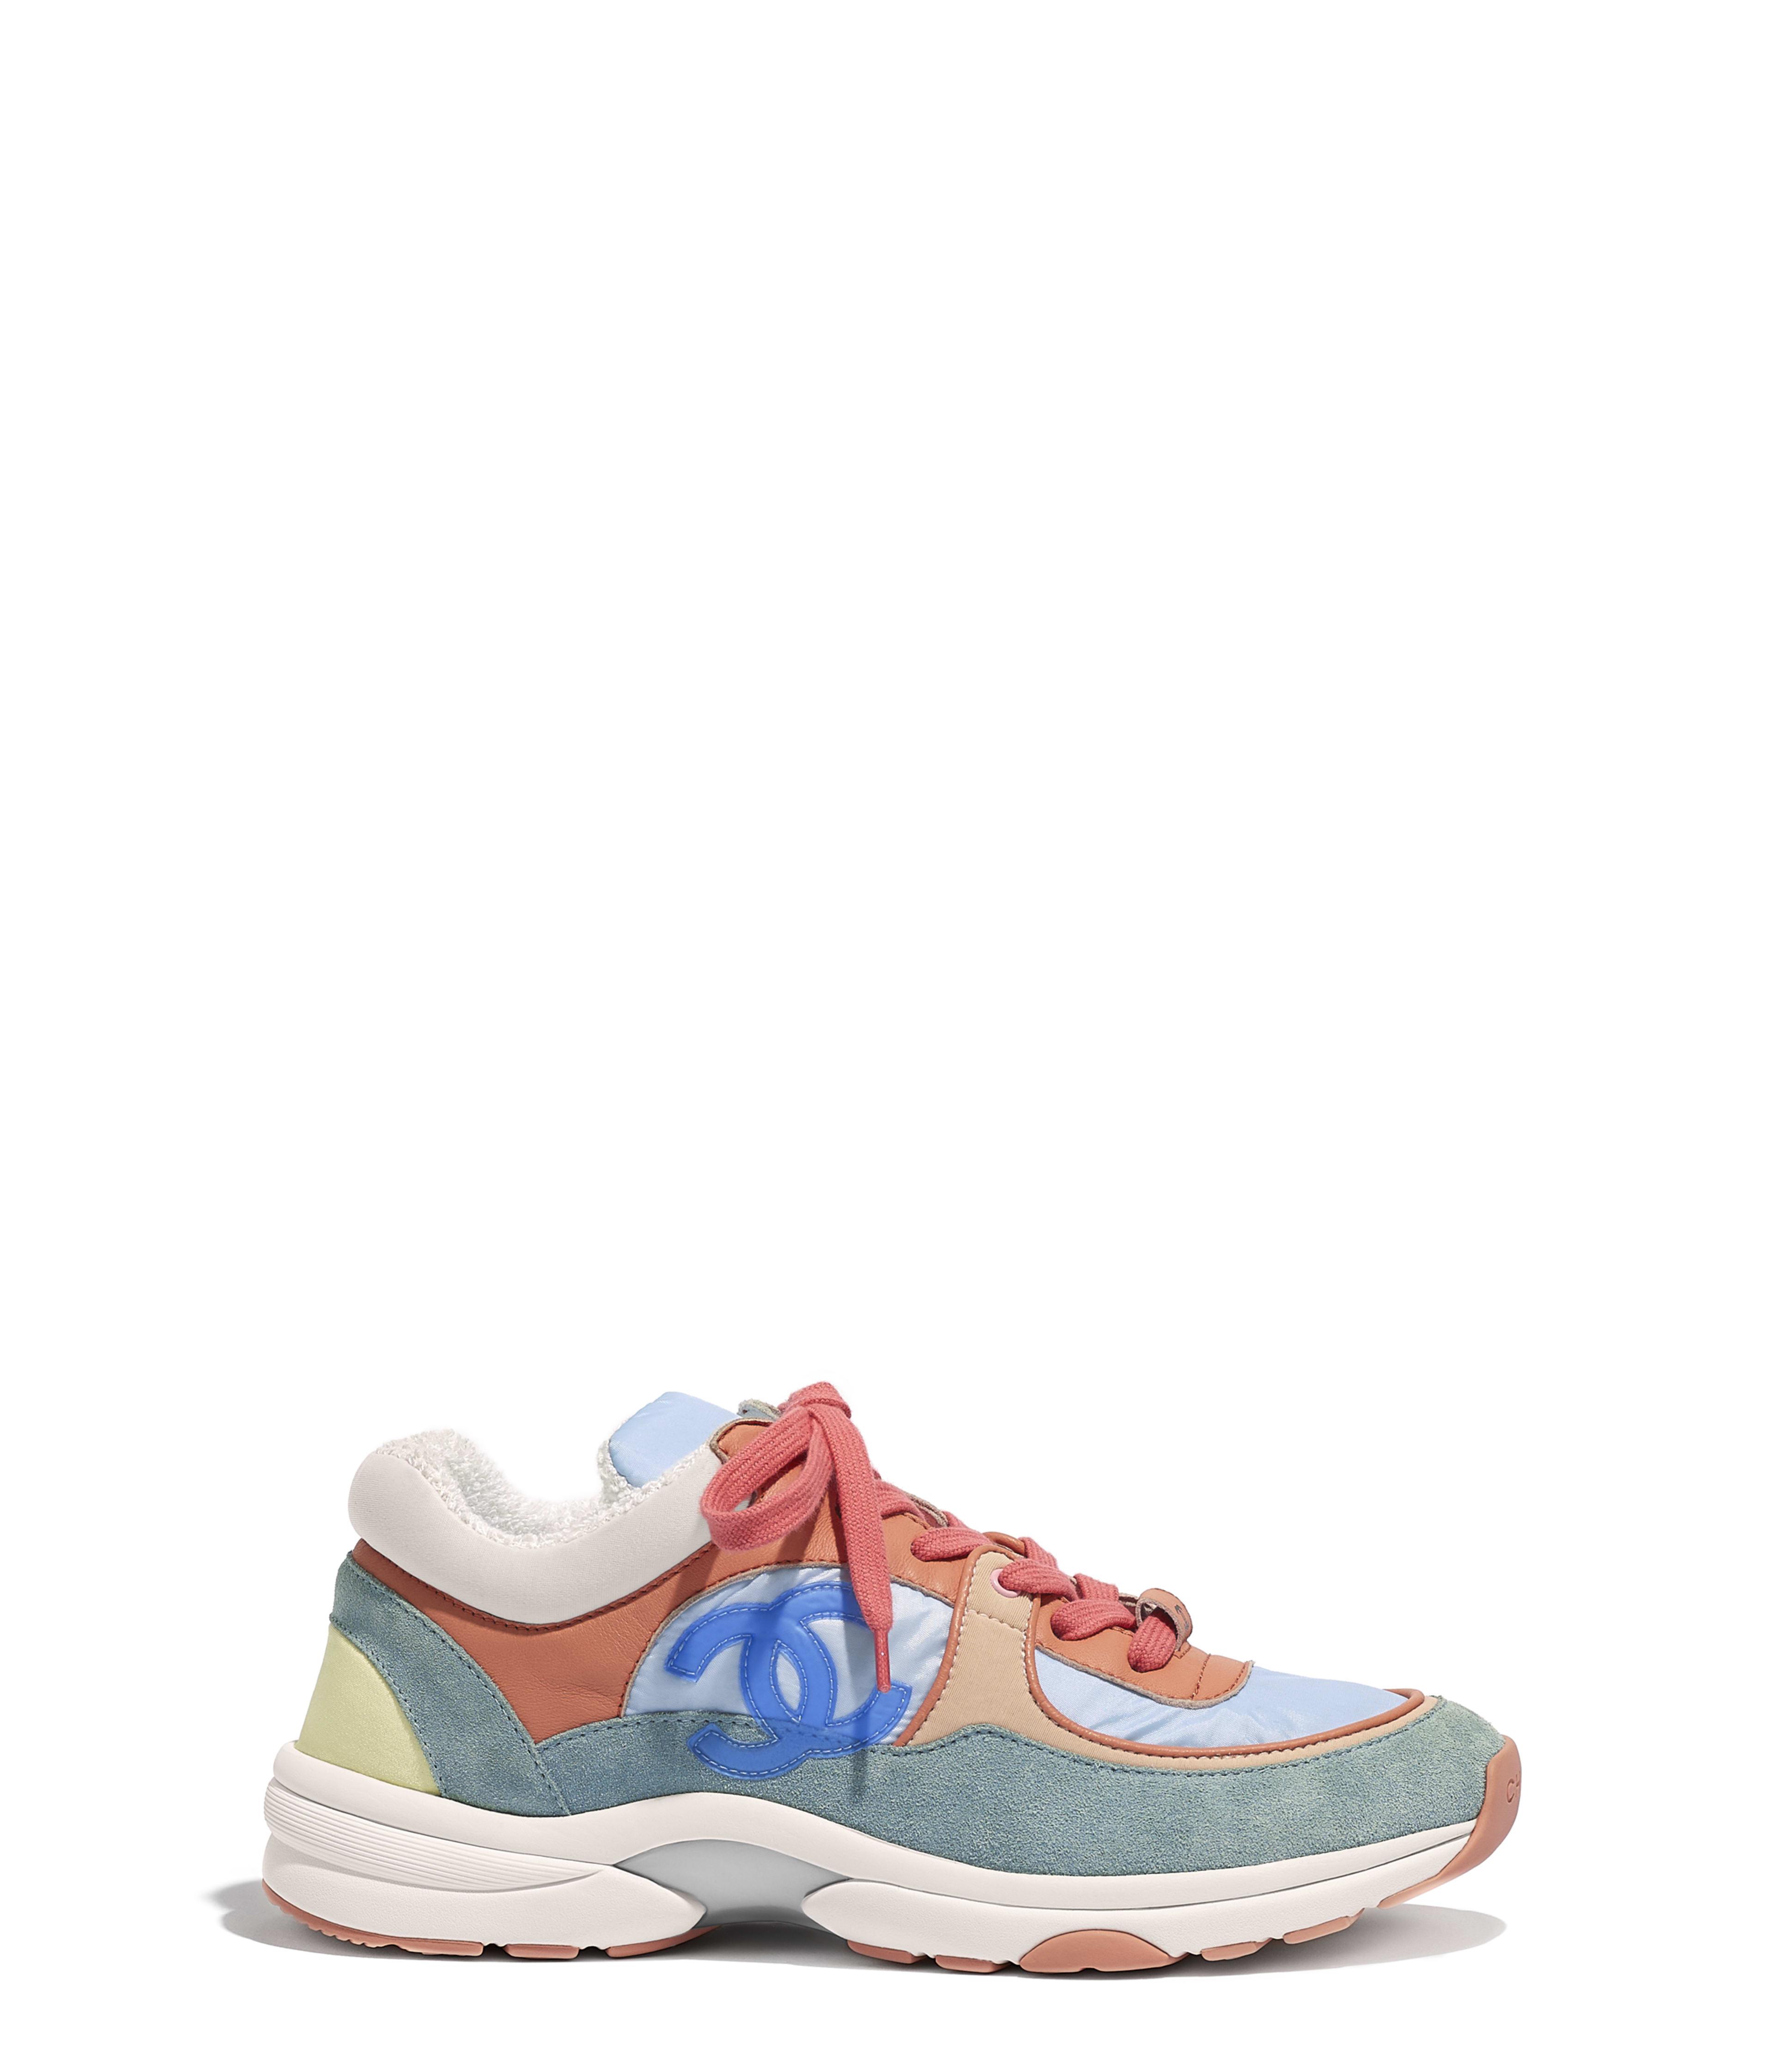 7640b89de28 Suede Calfskin Black Sneakers